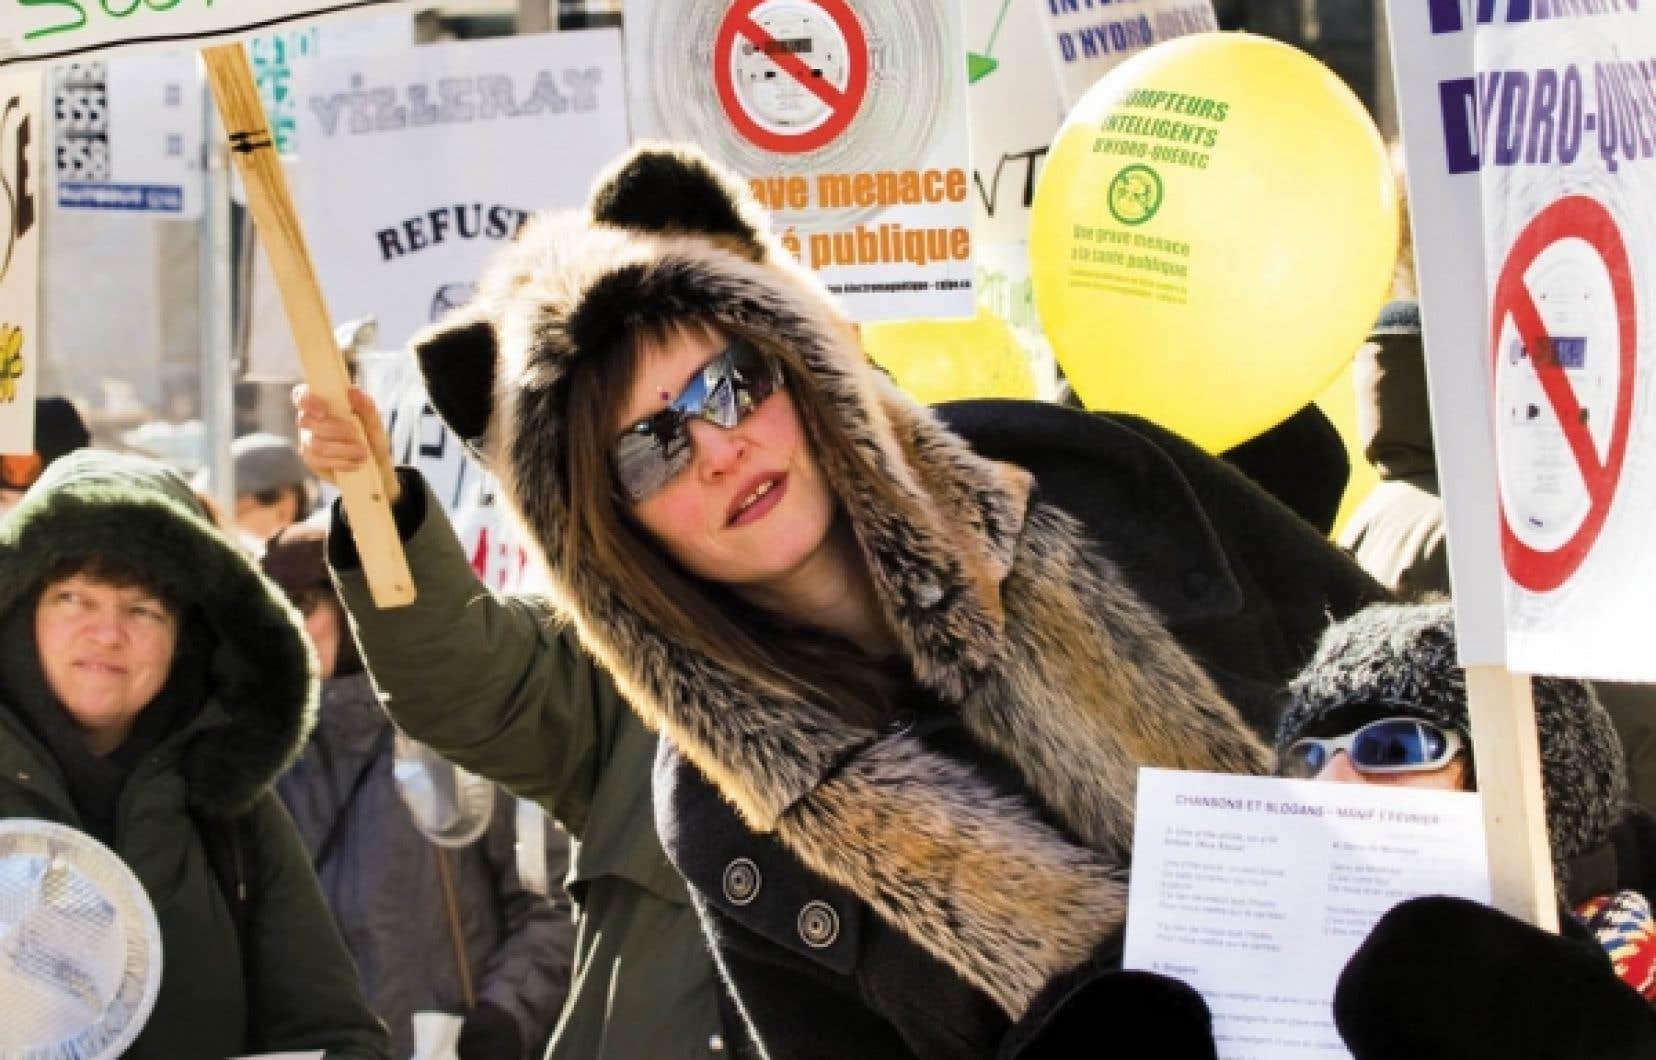 Les manifestants demandent un moratoire sur l&rsquo;installation des nouveaux compteurs.<br />